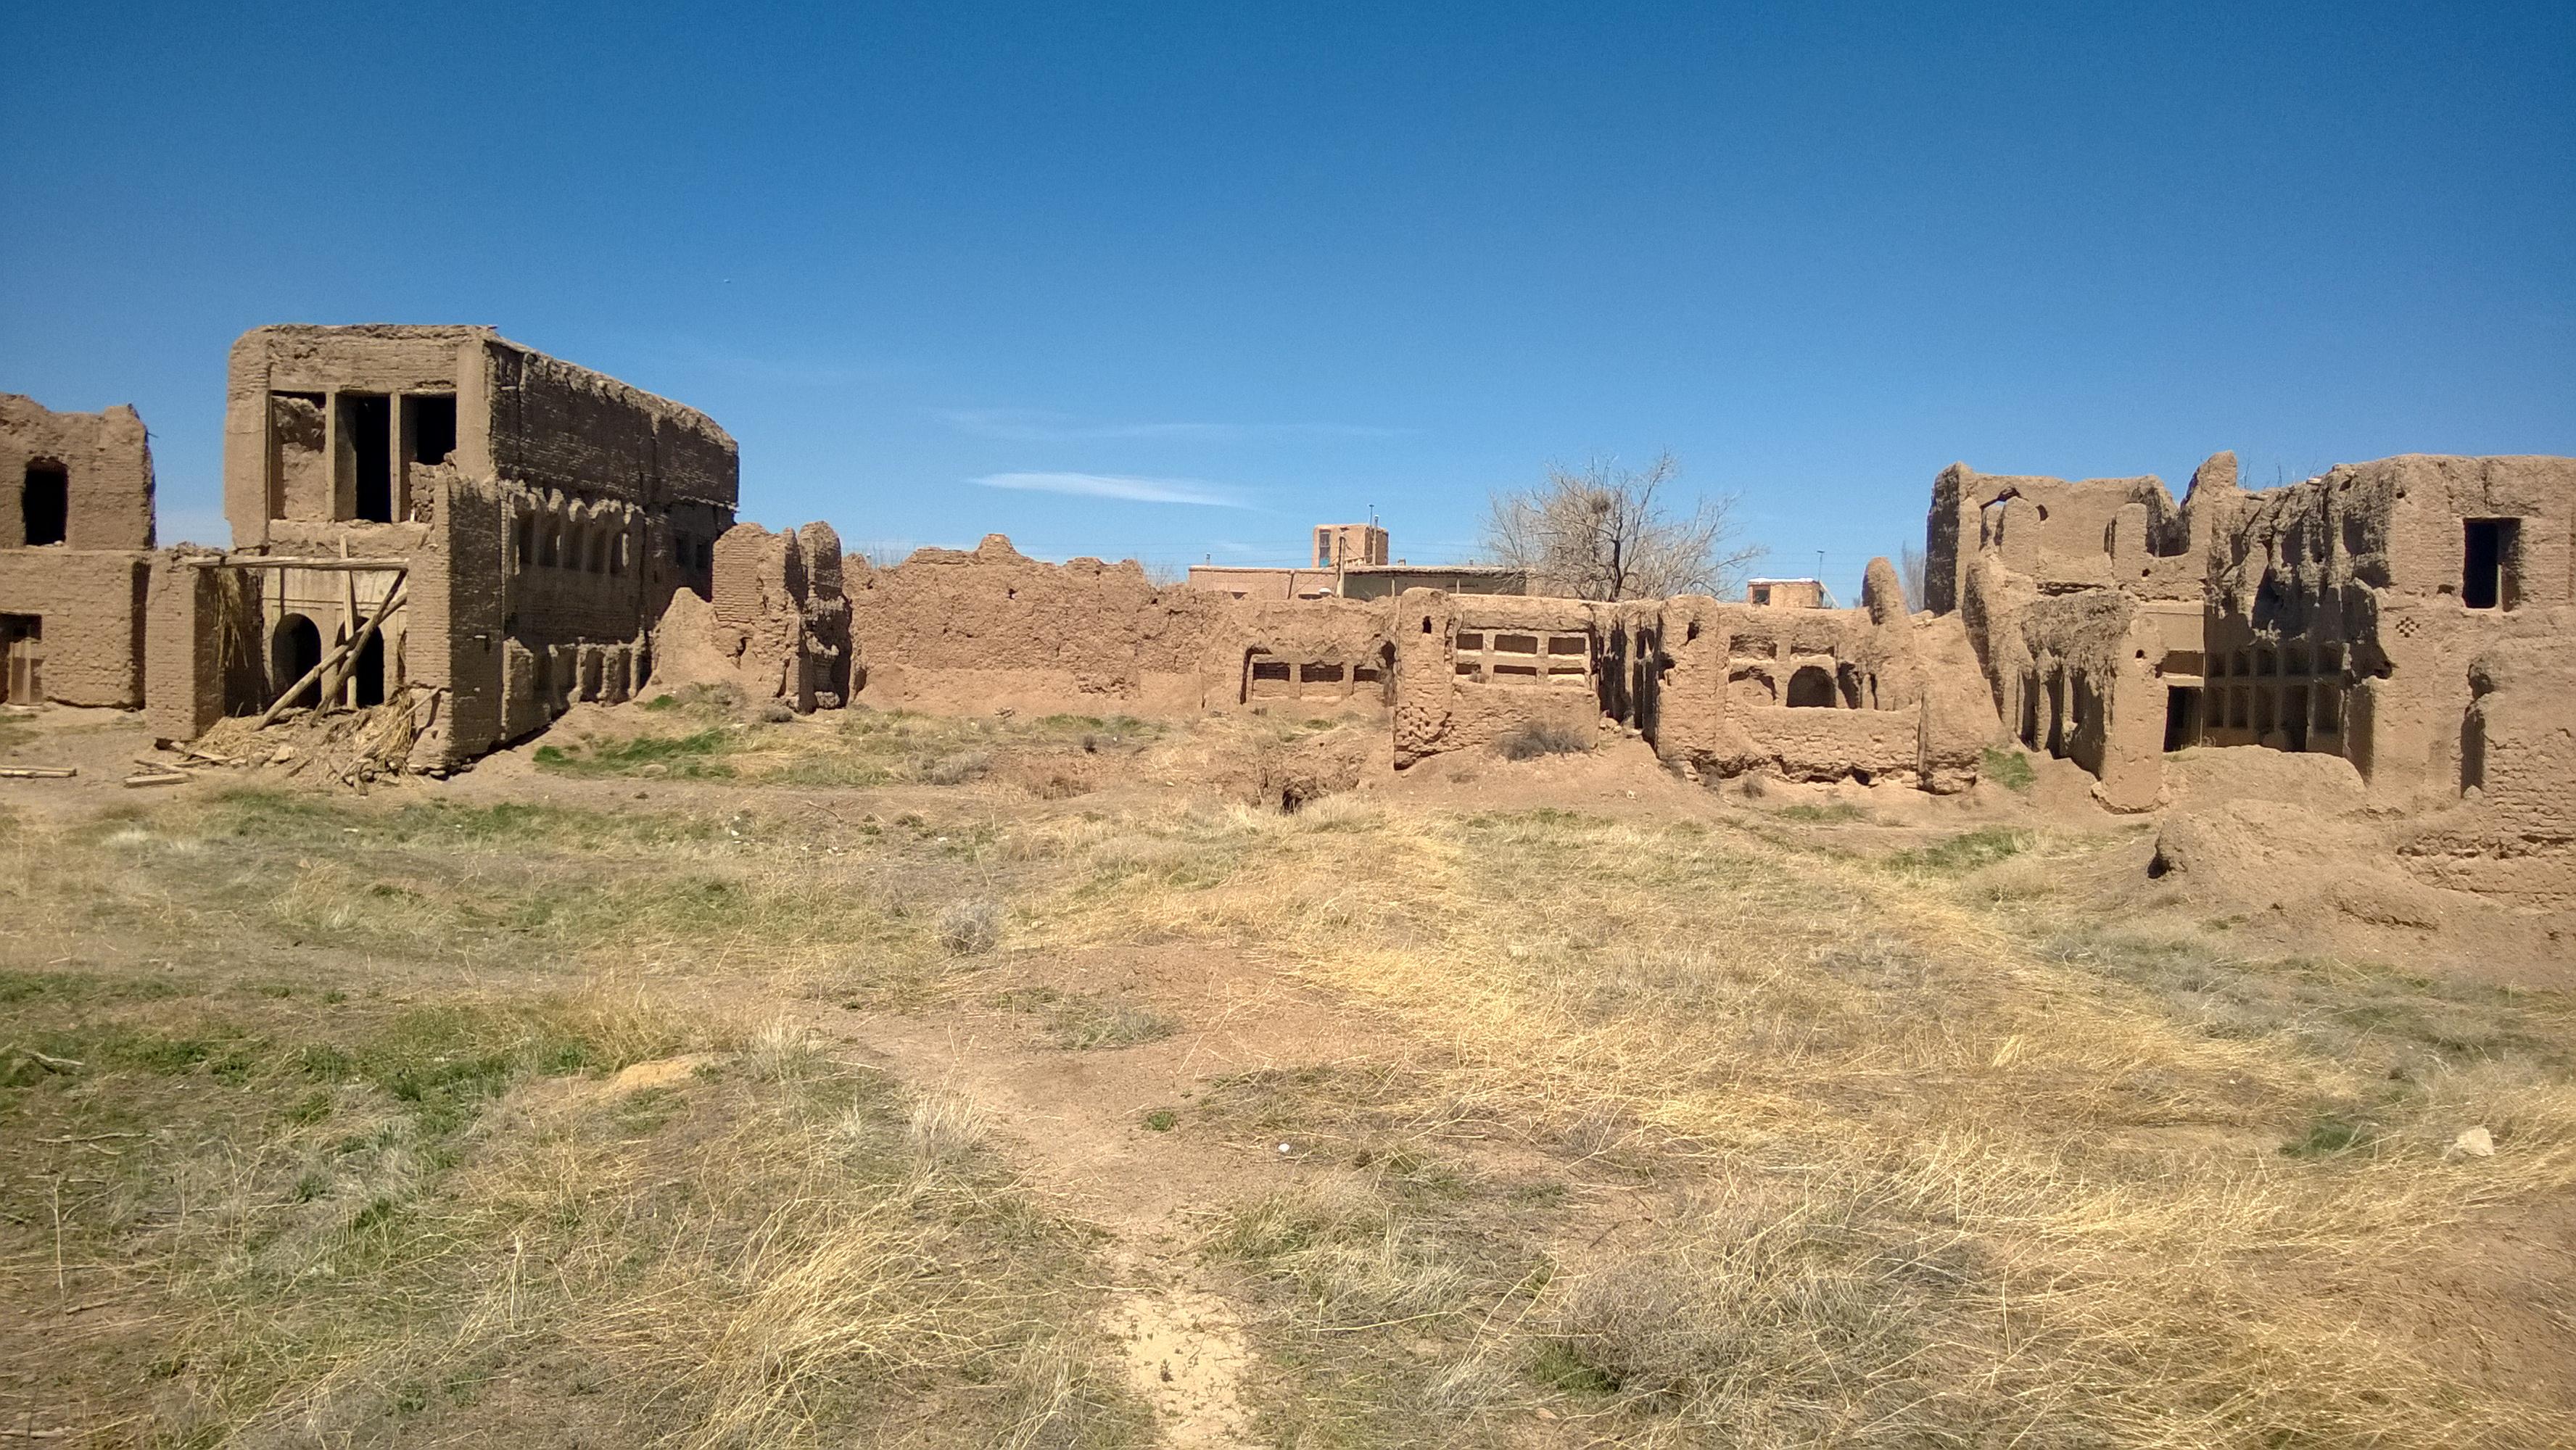 قلعههای خراب شده توسط سیل